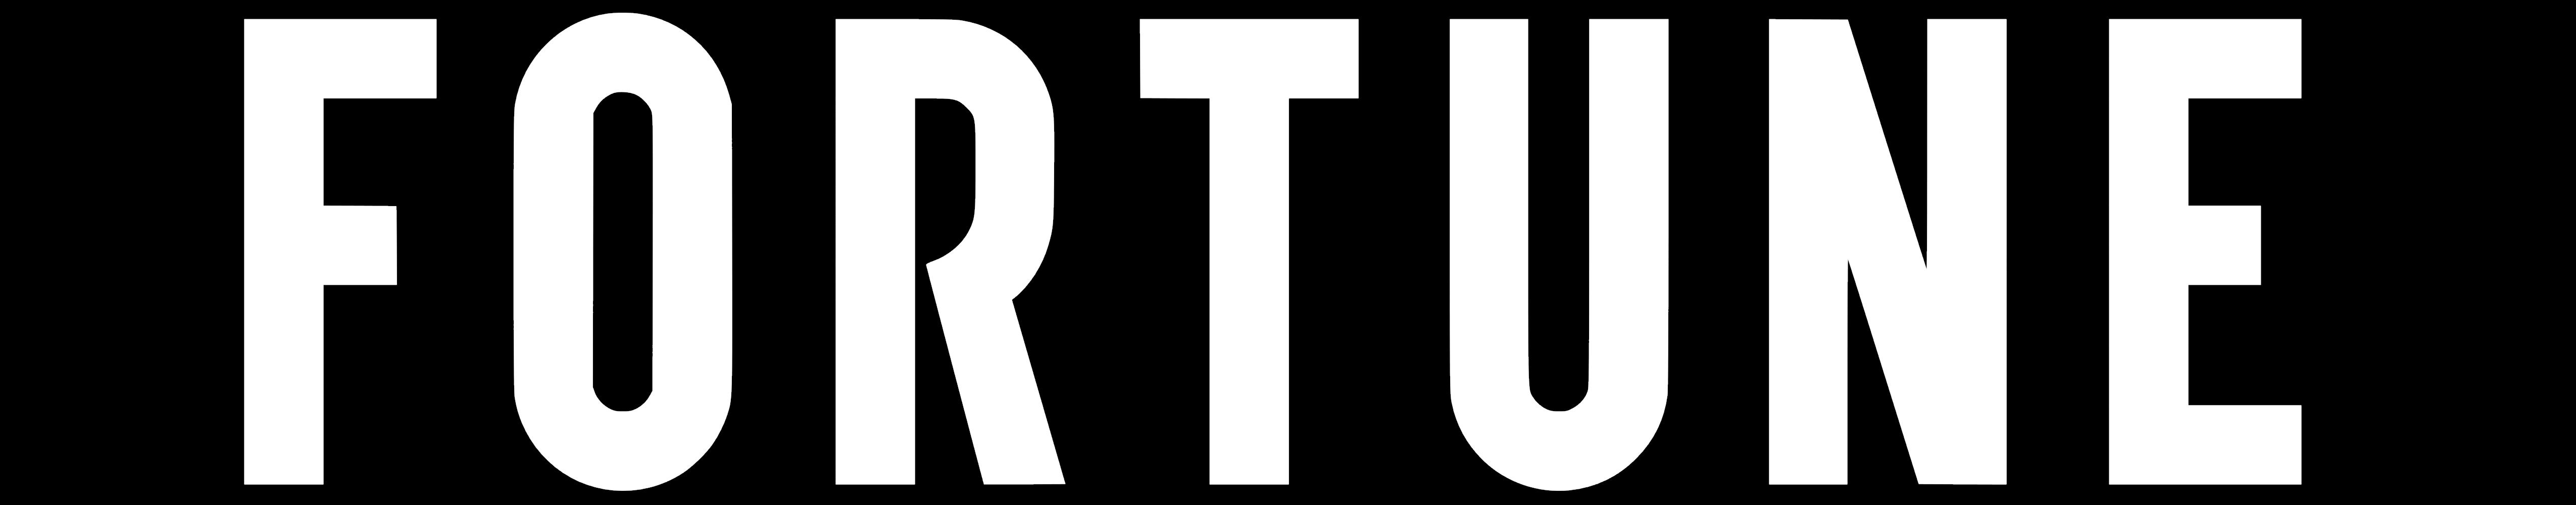 Fortune logo black bg